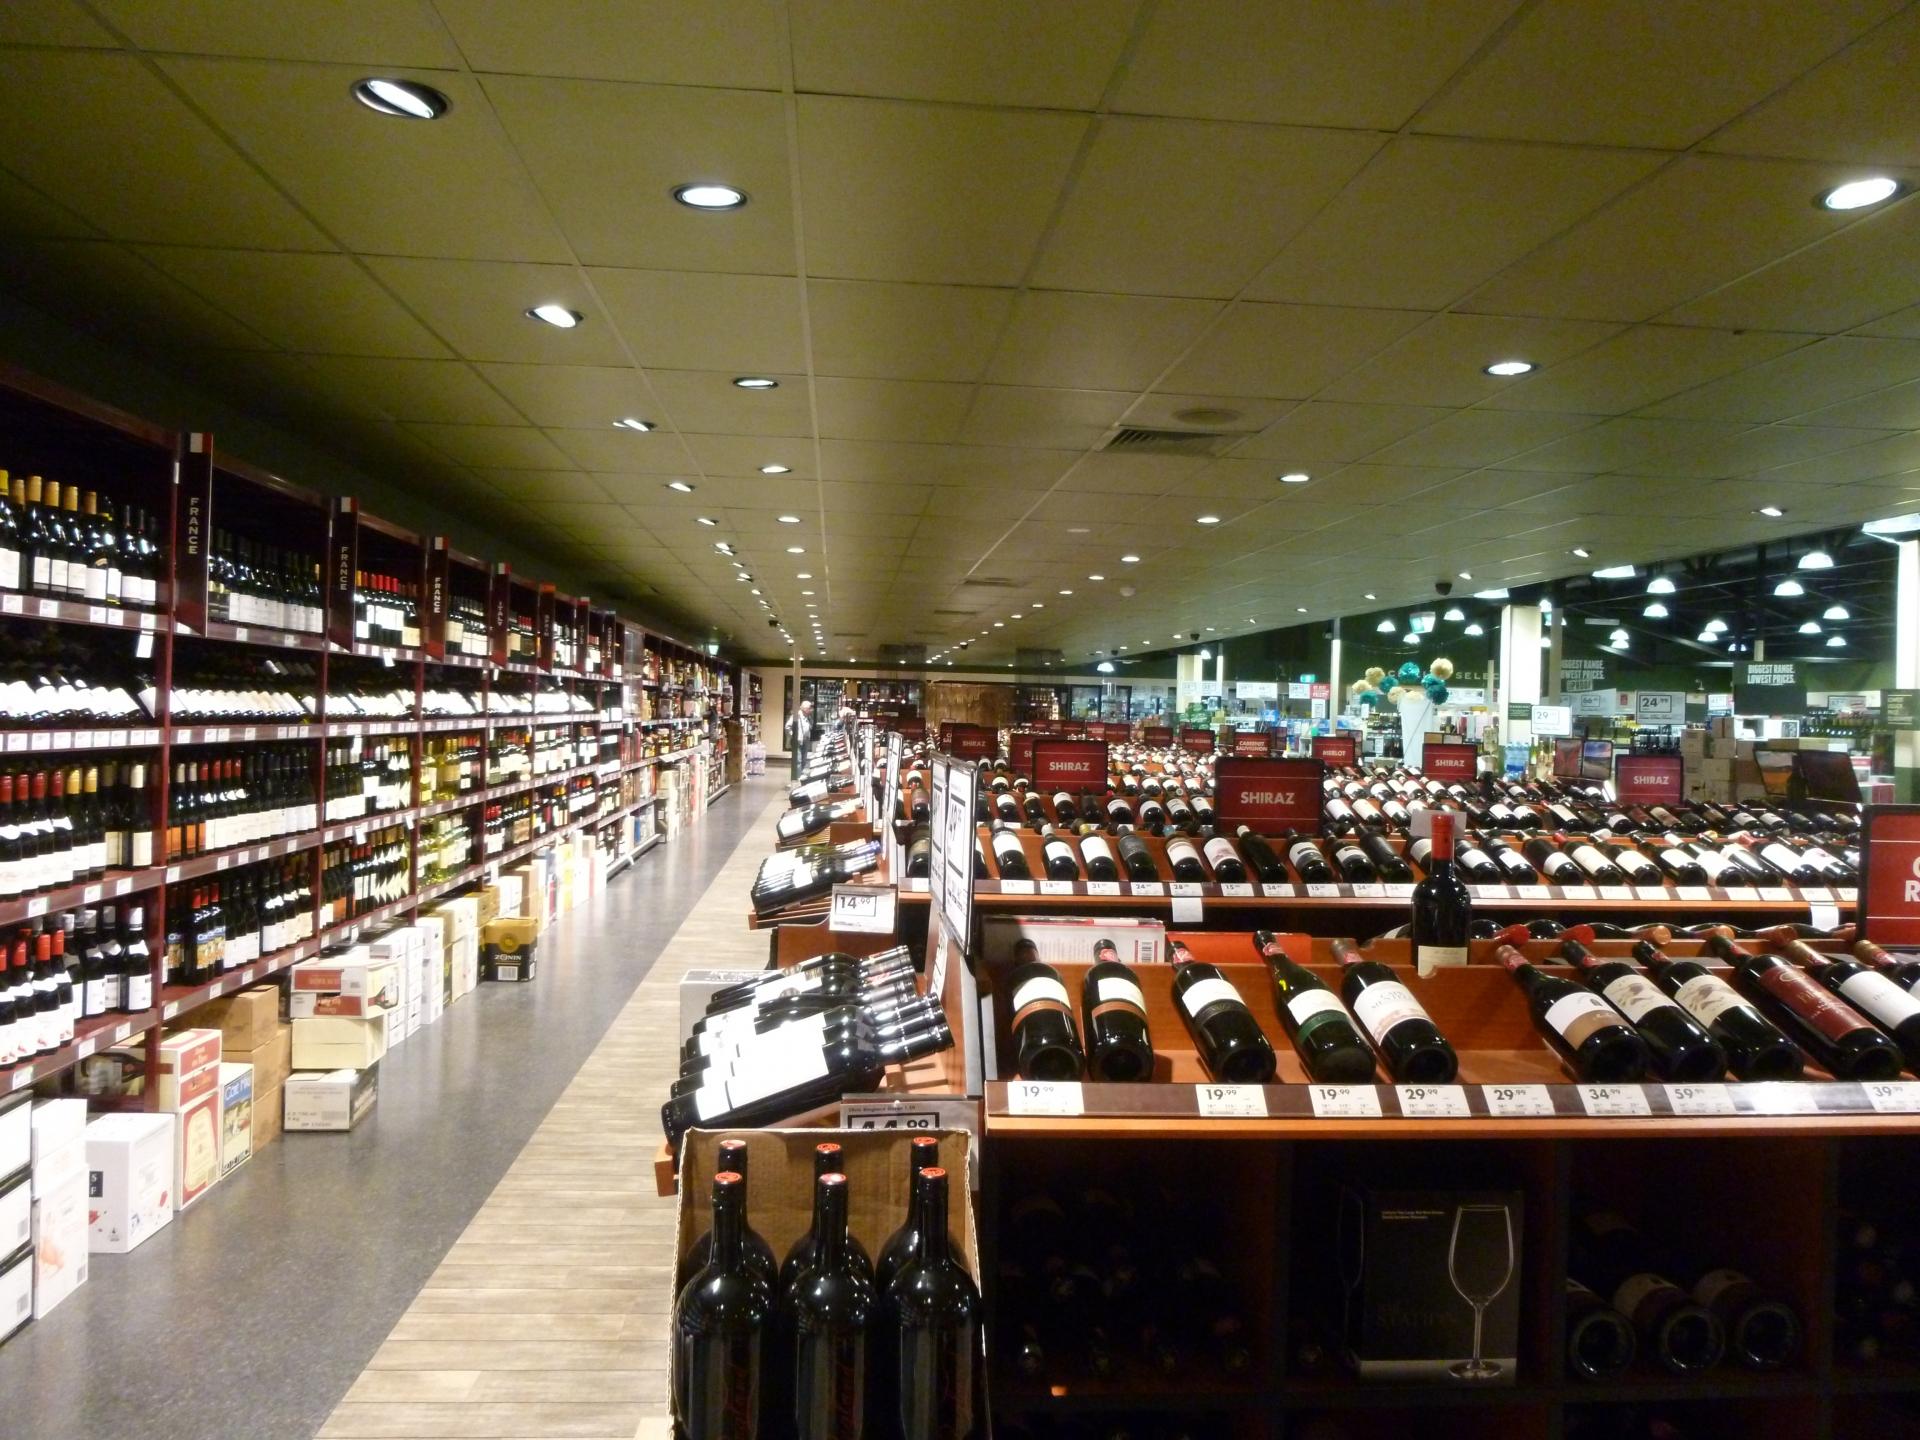 ワイン専門店でワインを買おう!